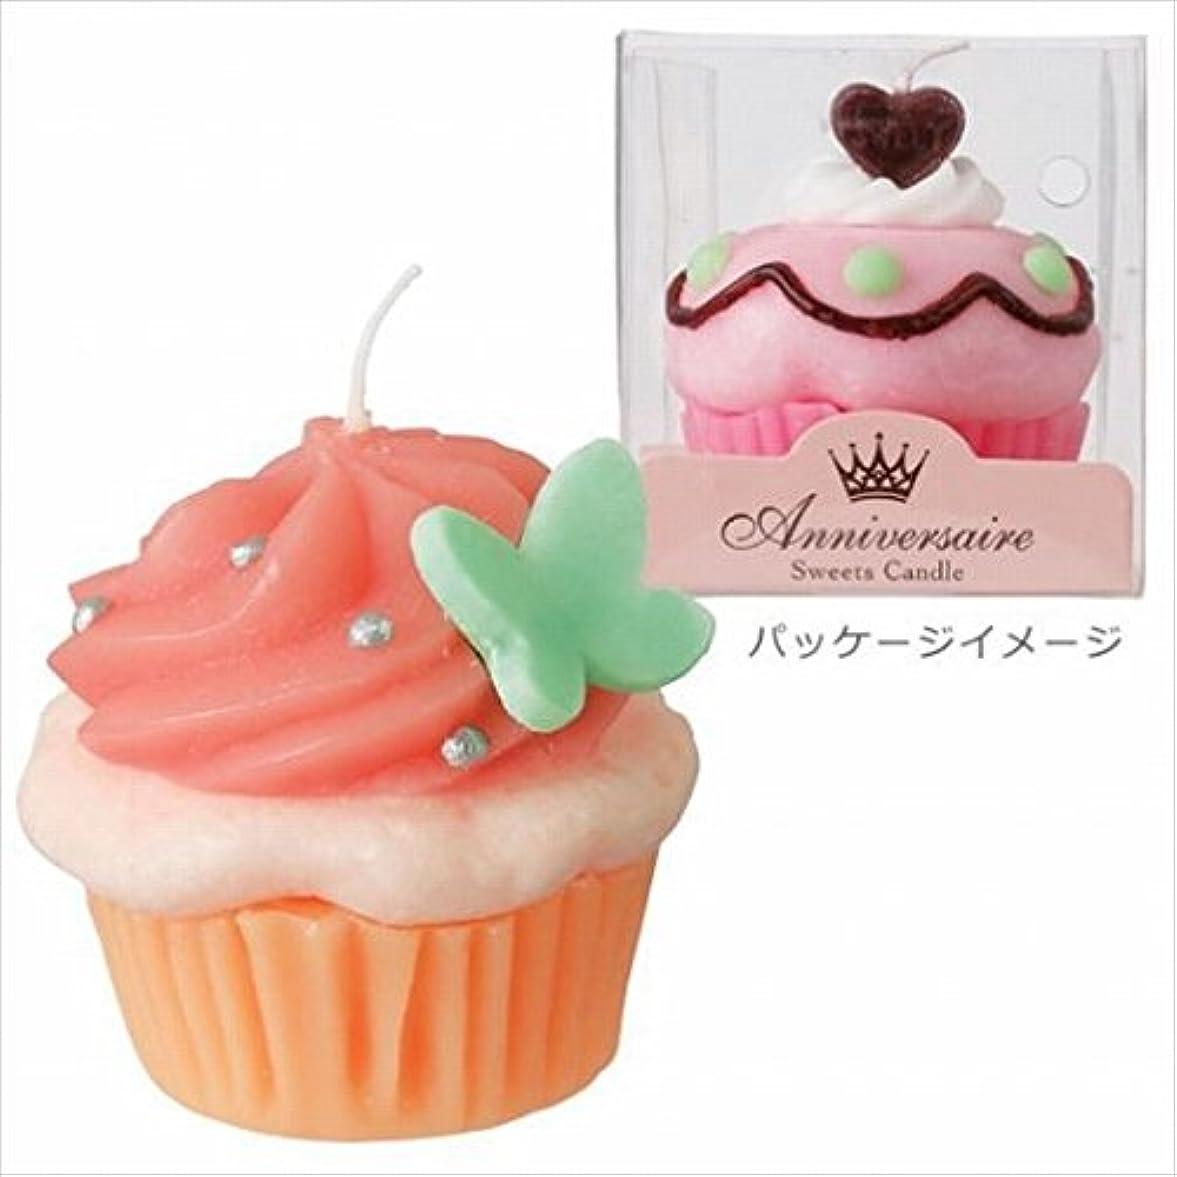 右靴下ユニークなカメヤマキャンドル( kameyama candle ) カップケーキキャンドル 「 ホイップベリー 」